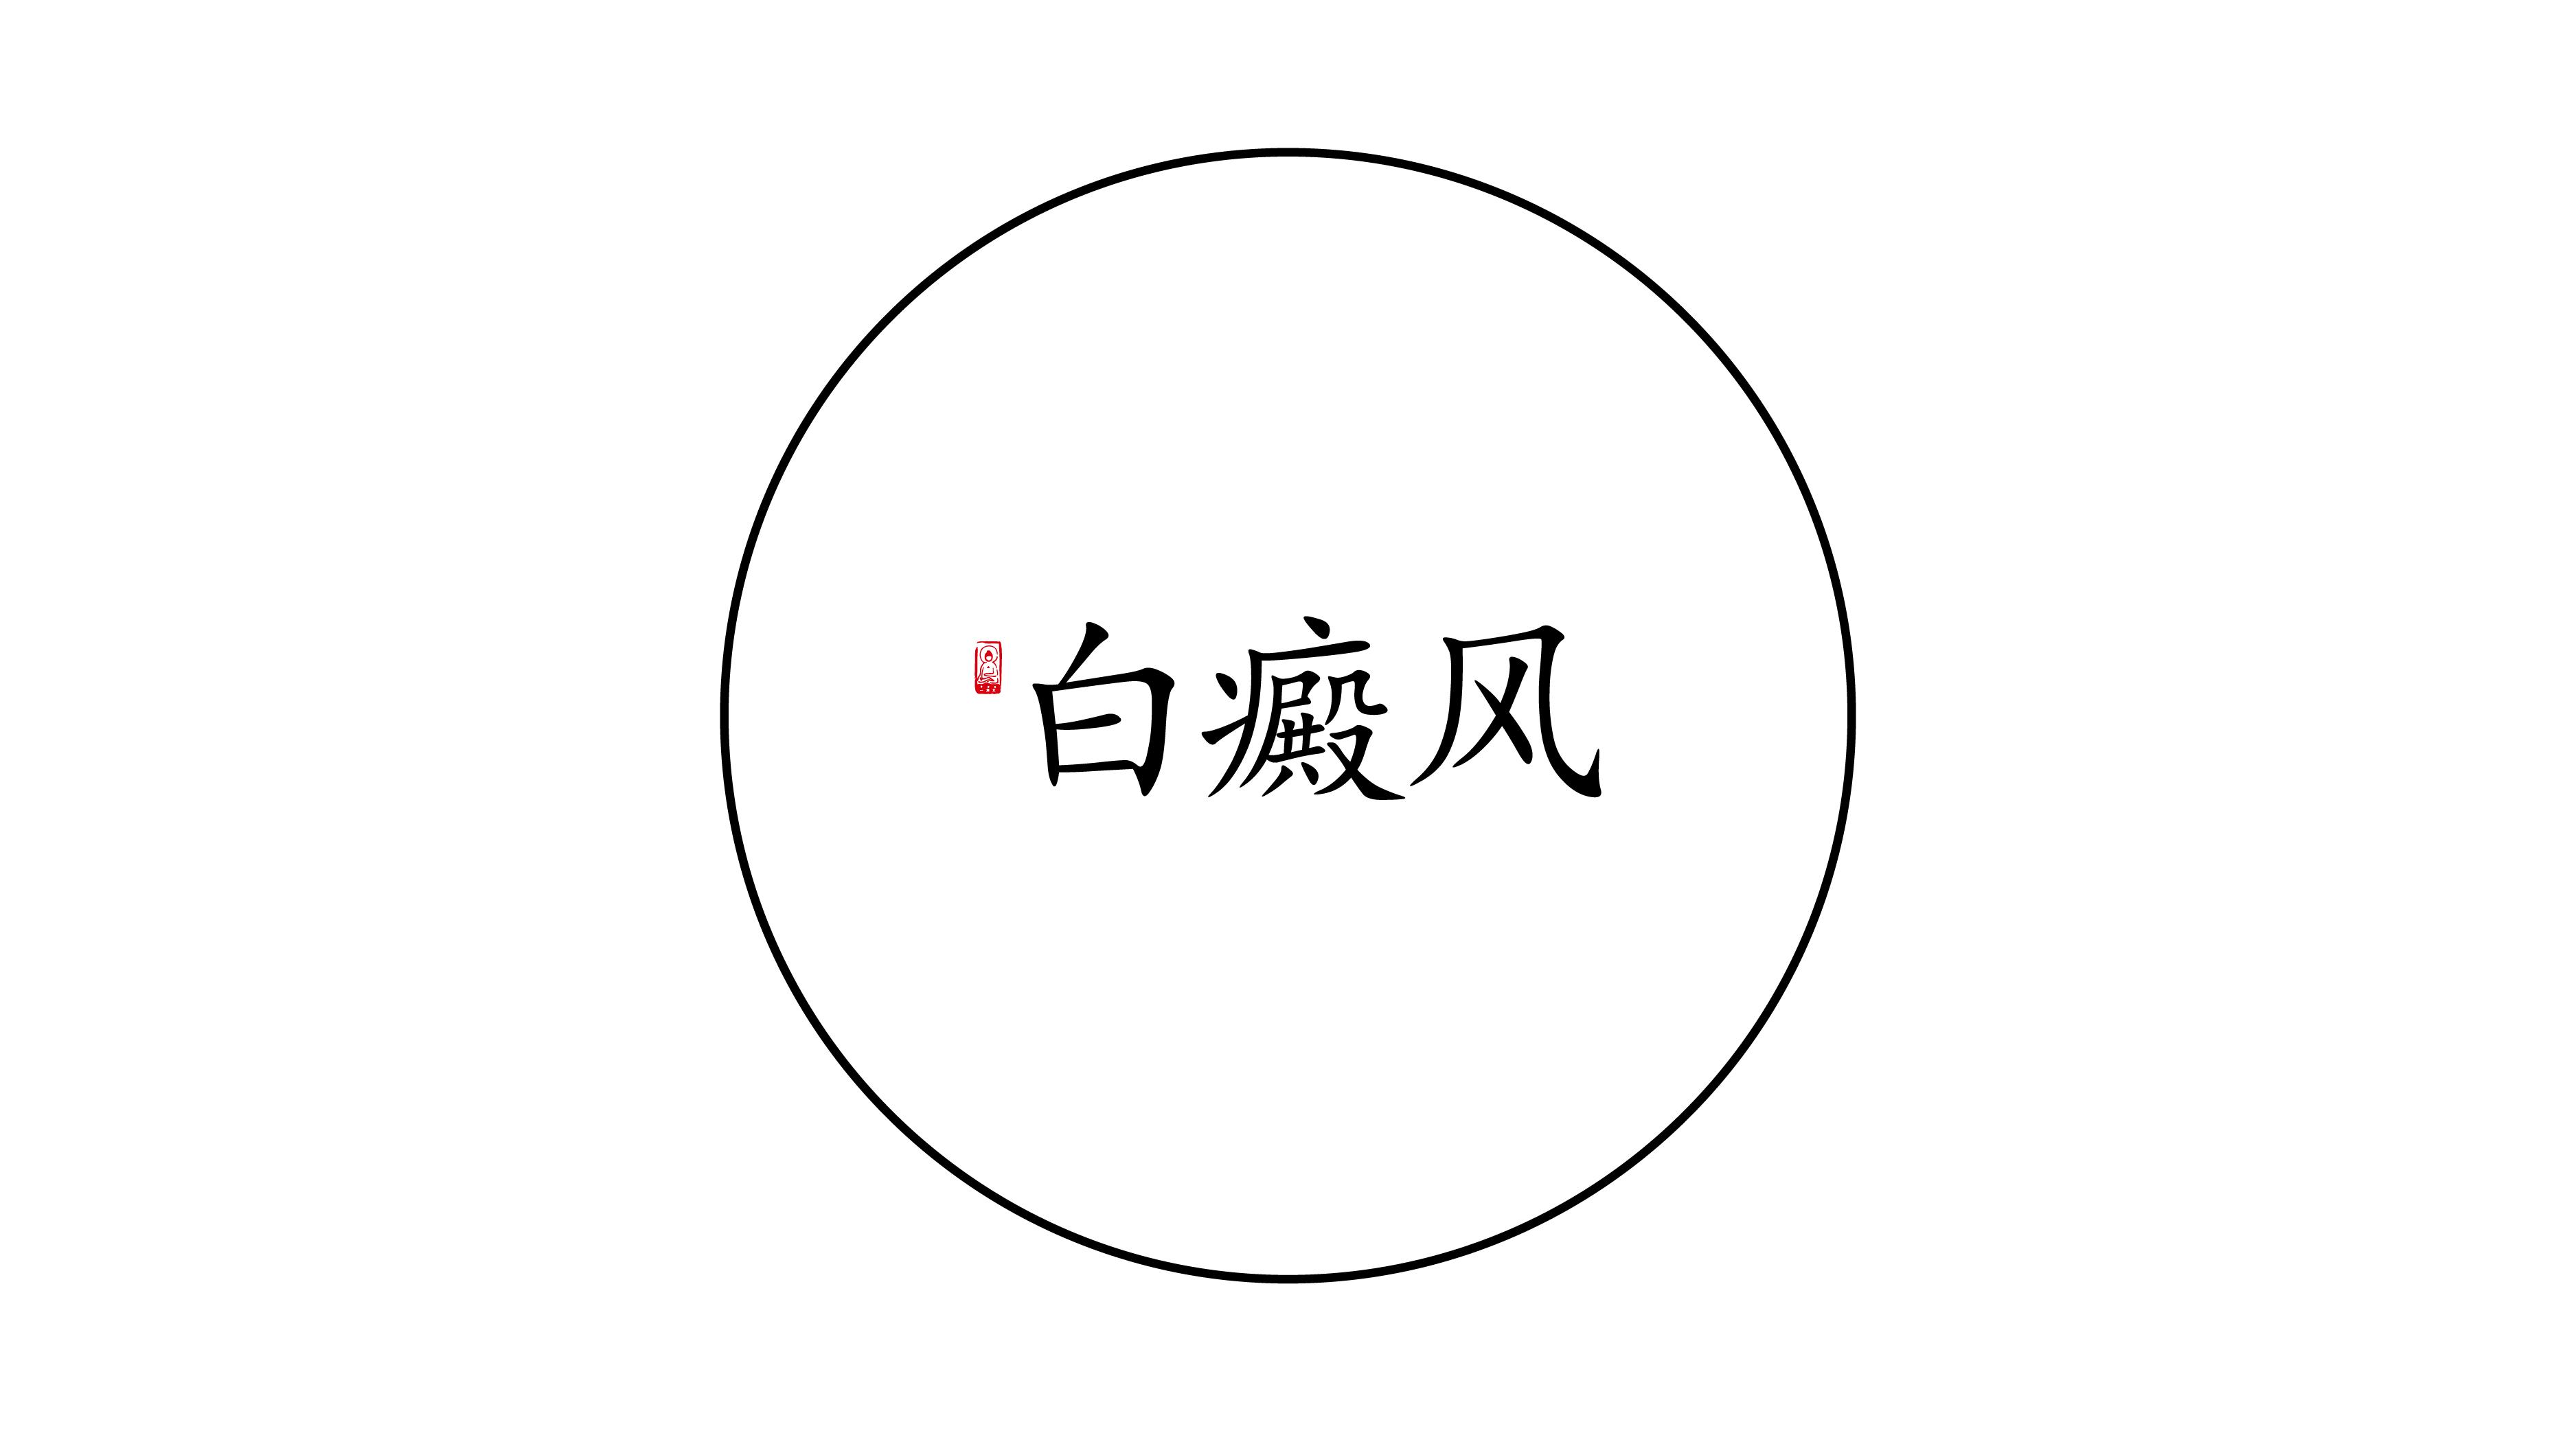 黄山白癜风影响寿命吗